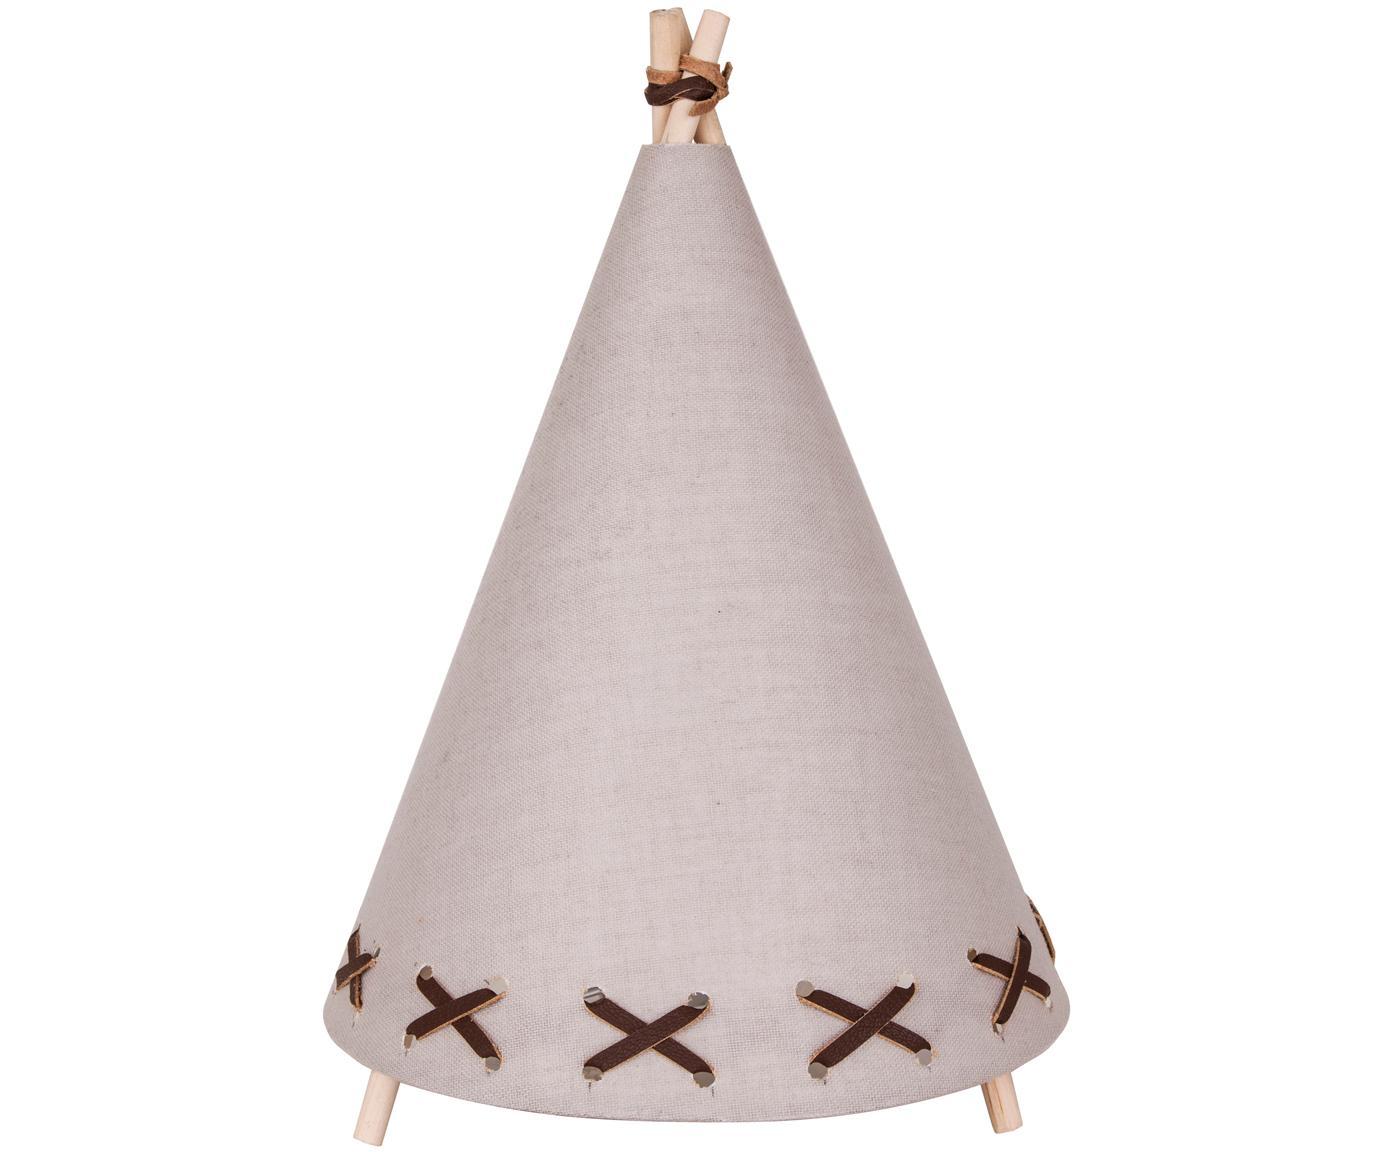 Lampada da tavolo a LED Tipi in lino, Struttura: legno, Paralume: lino, Marrone chiaro, beige, Ø 20 x Alt. 29 cm